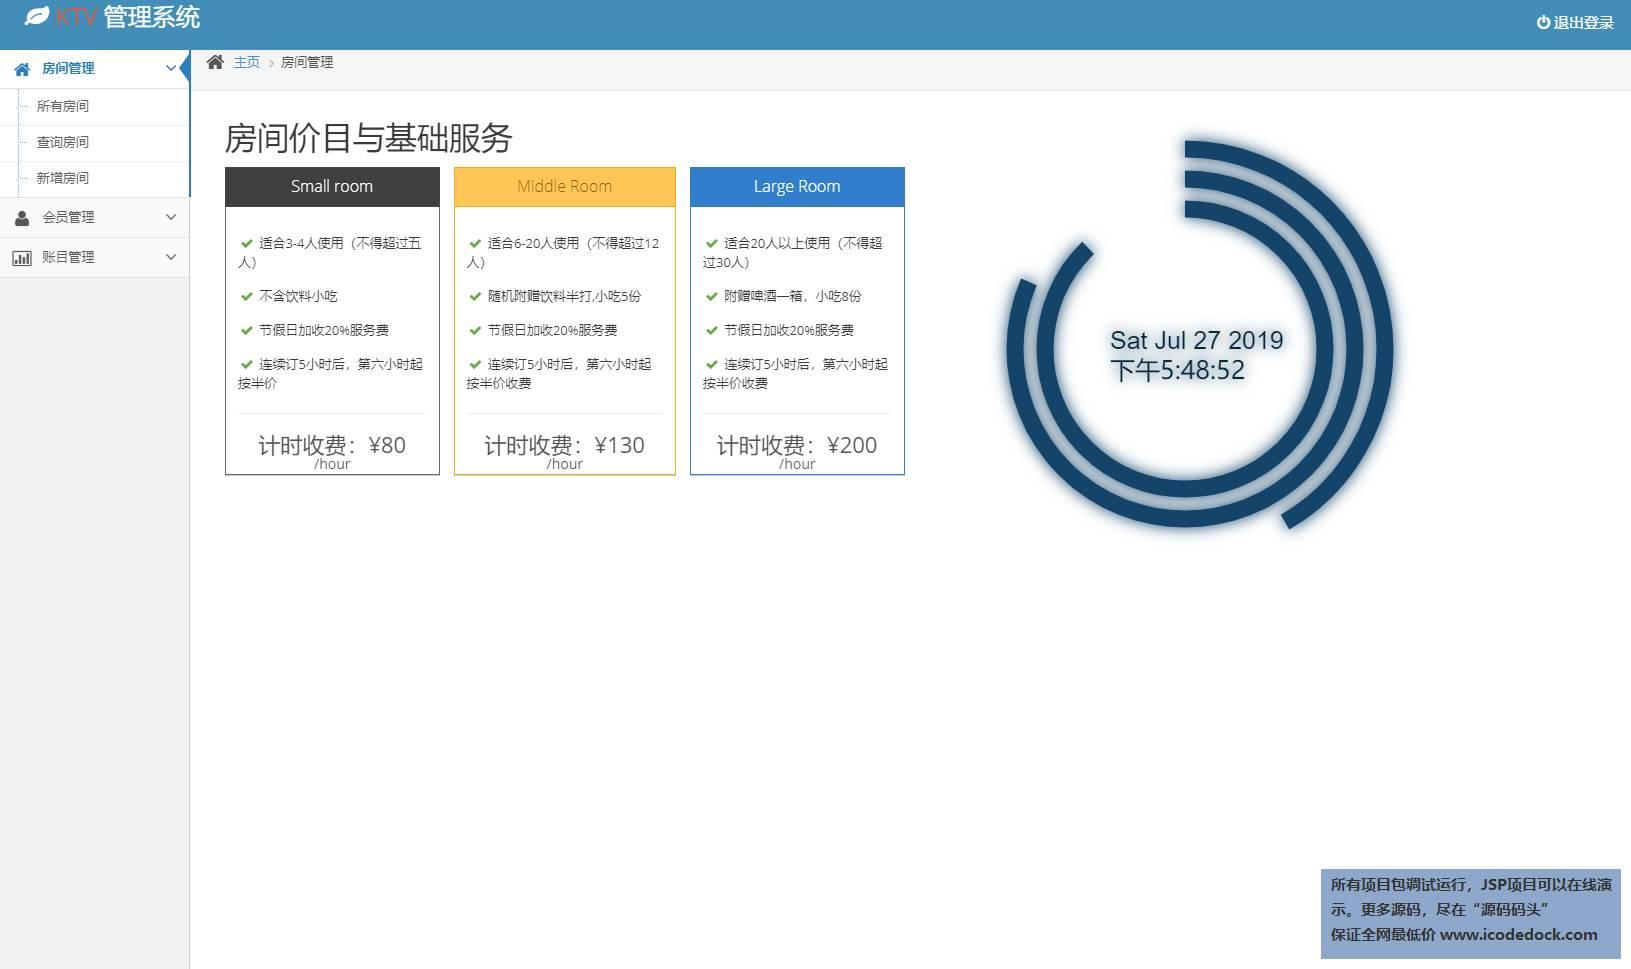 源码码头-SSM的KTV管理系统-管理员角色-房间信息